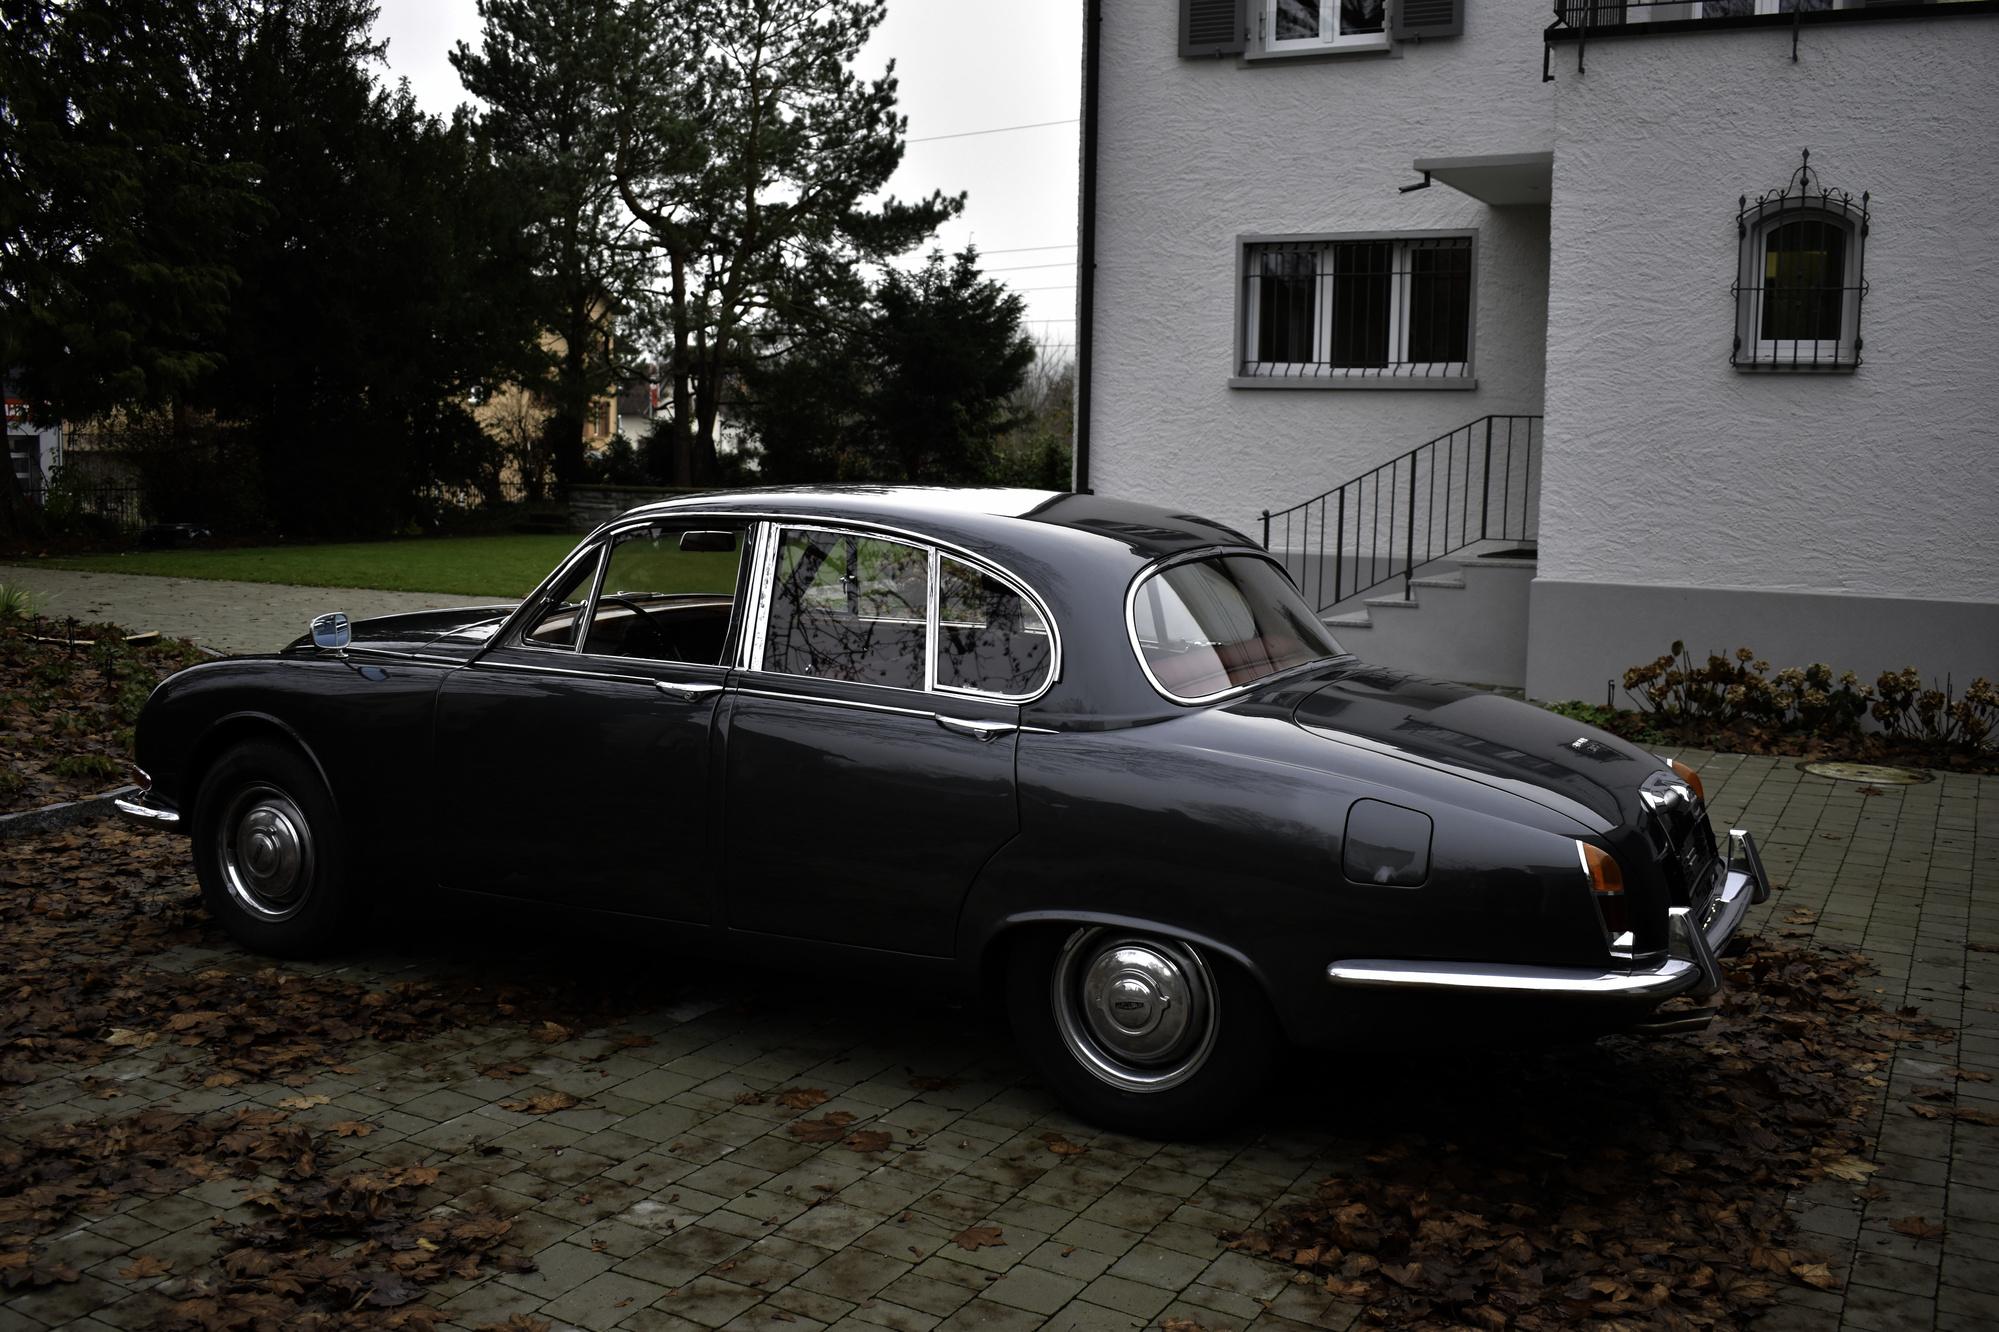 Dunkelgrauer 1966 Jaguar S-Type 3.8 Liter Oldtimer Veteranenfahrzeug in Dreiviertelansicht von hinten links